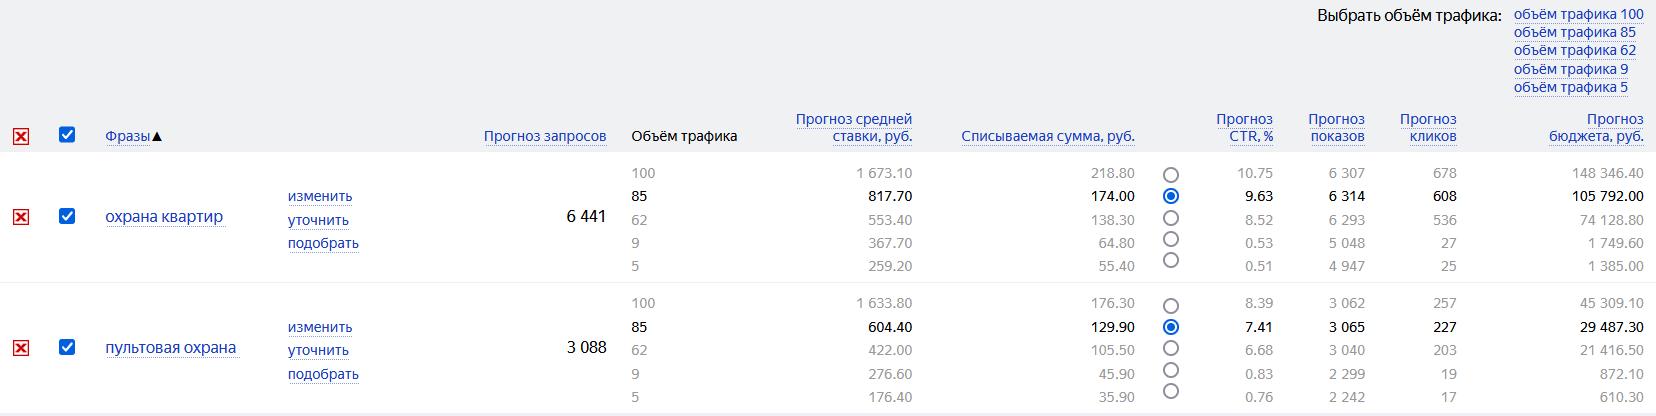 Так выглядит прогноз от Яндекса. Иногда он любит занижать списываемую цену в 2-3 раза, поэтому сильно не радуйтесь, если в вашей тематике он прогнозирует низкие цены